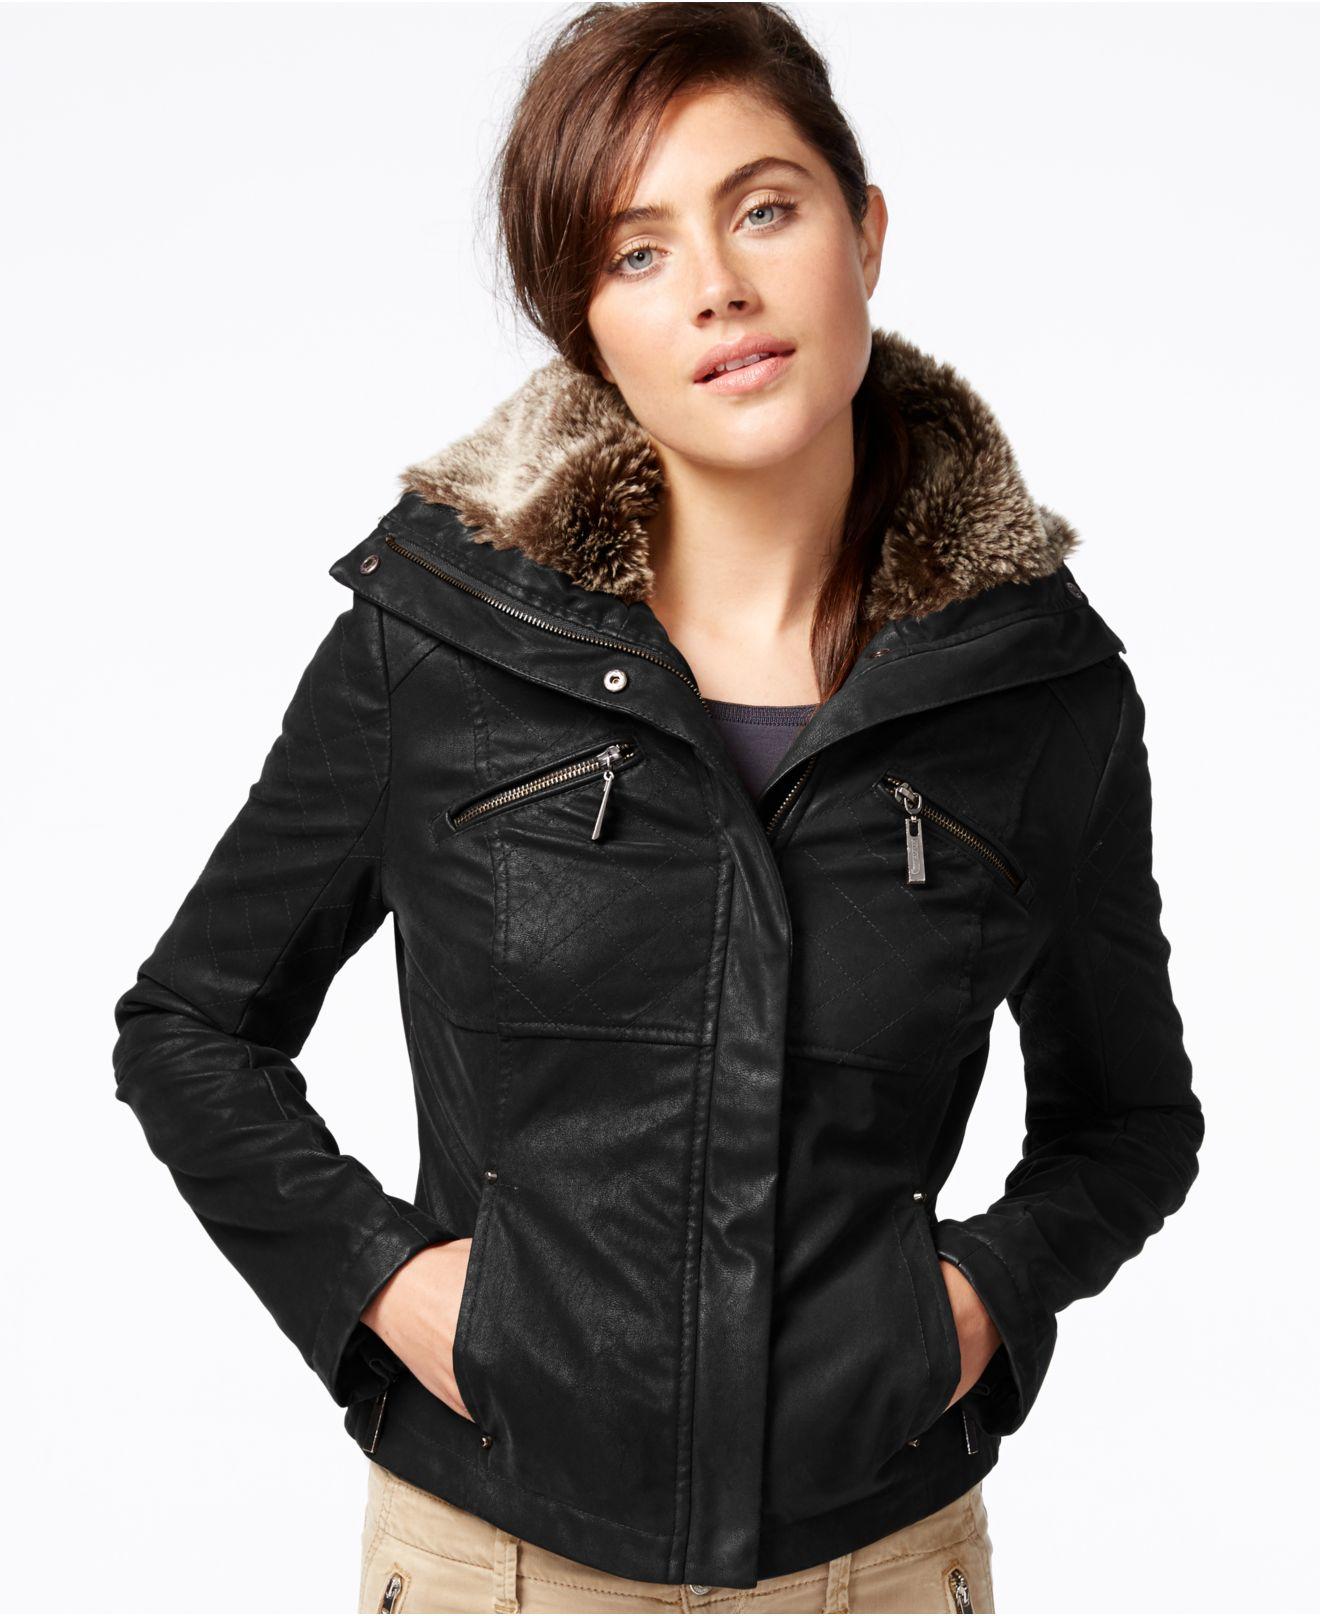 Jou jou leather jacket